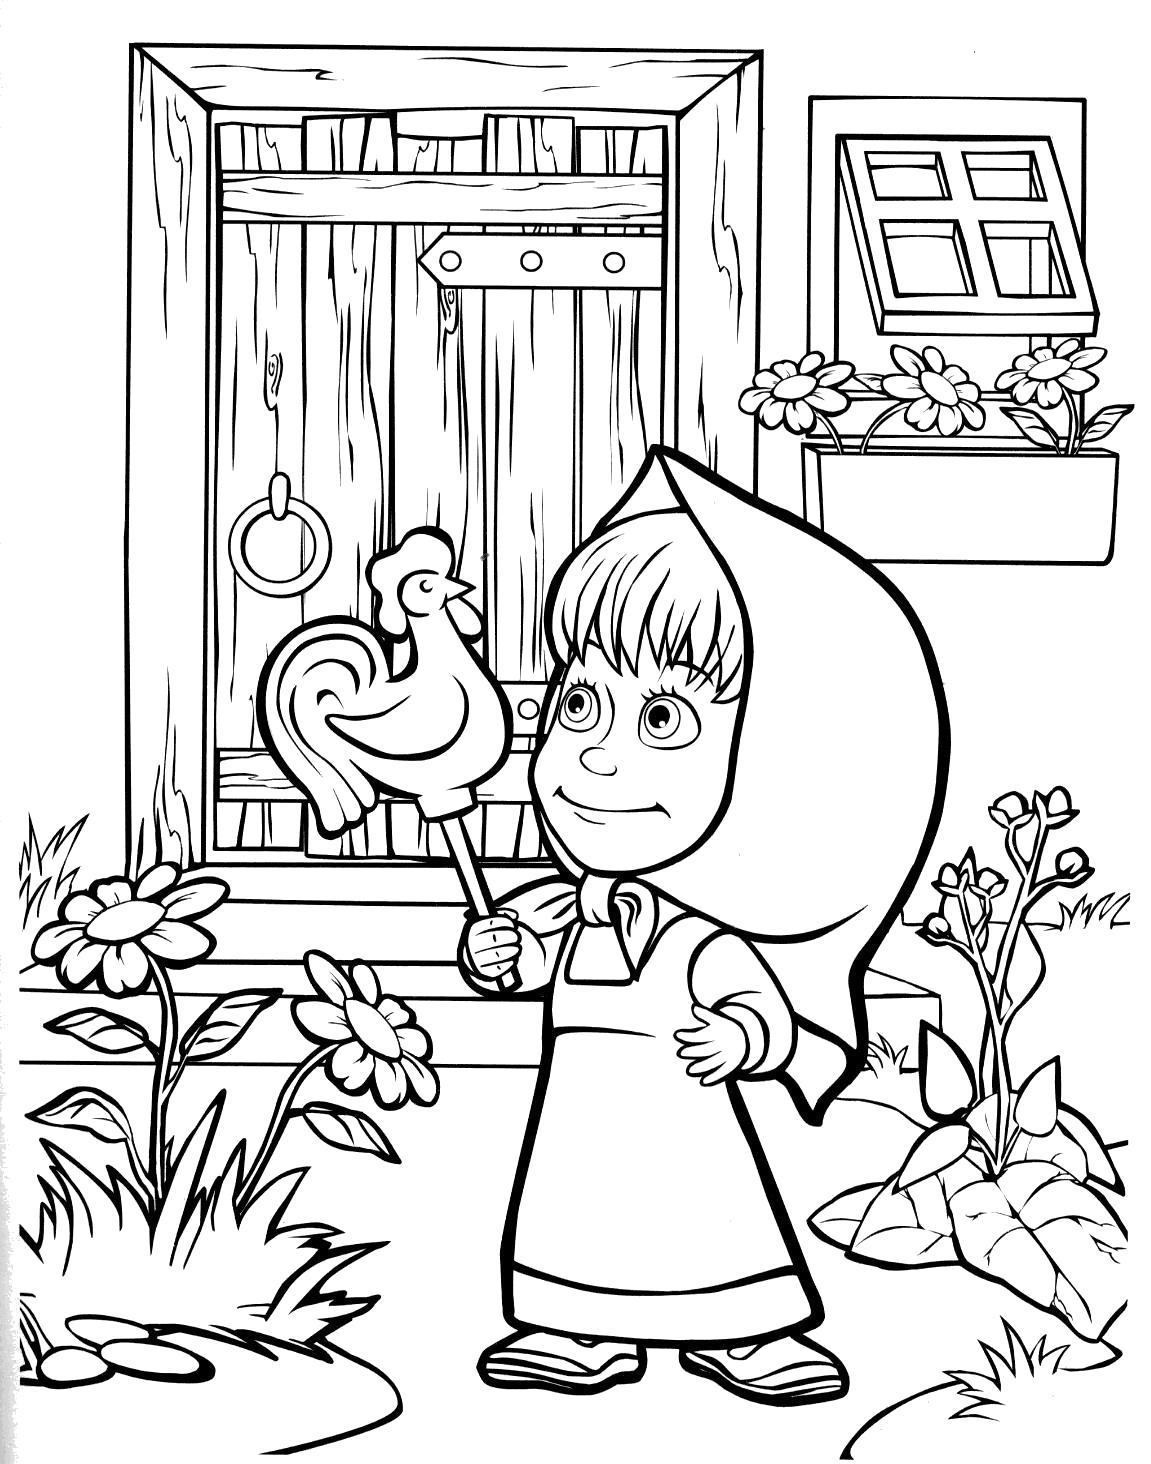 Раскраски Маша и медведь Раскраски по мультфильму Маша и медведь для самых маленьких